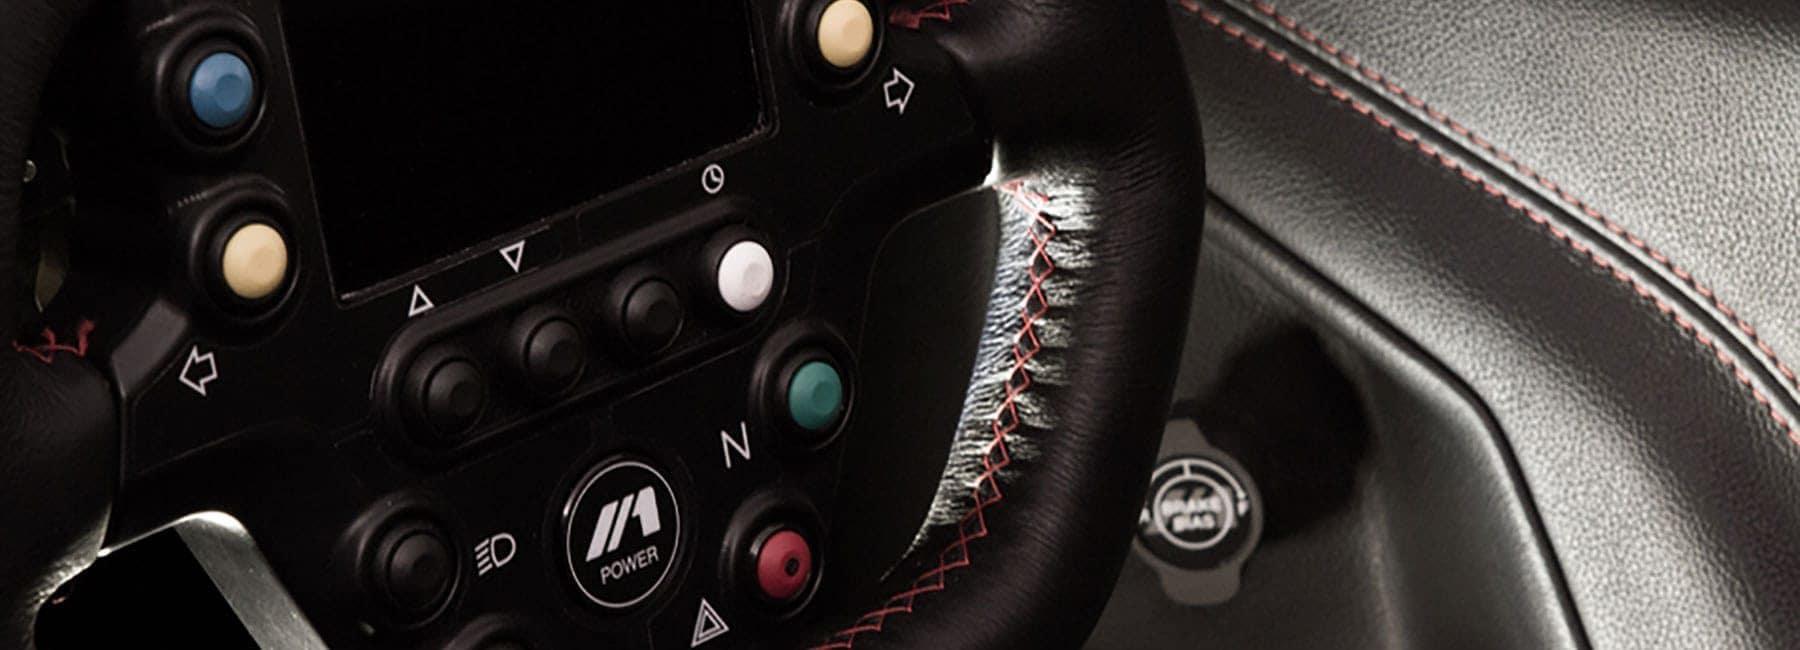 bac-steering-wheel-slide